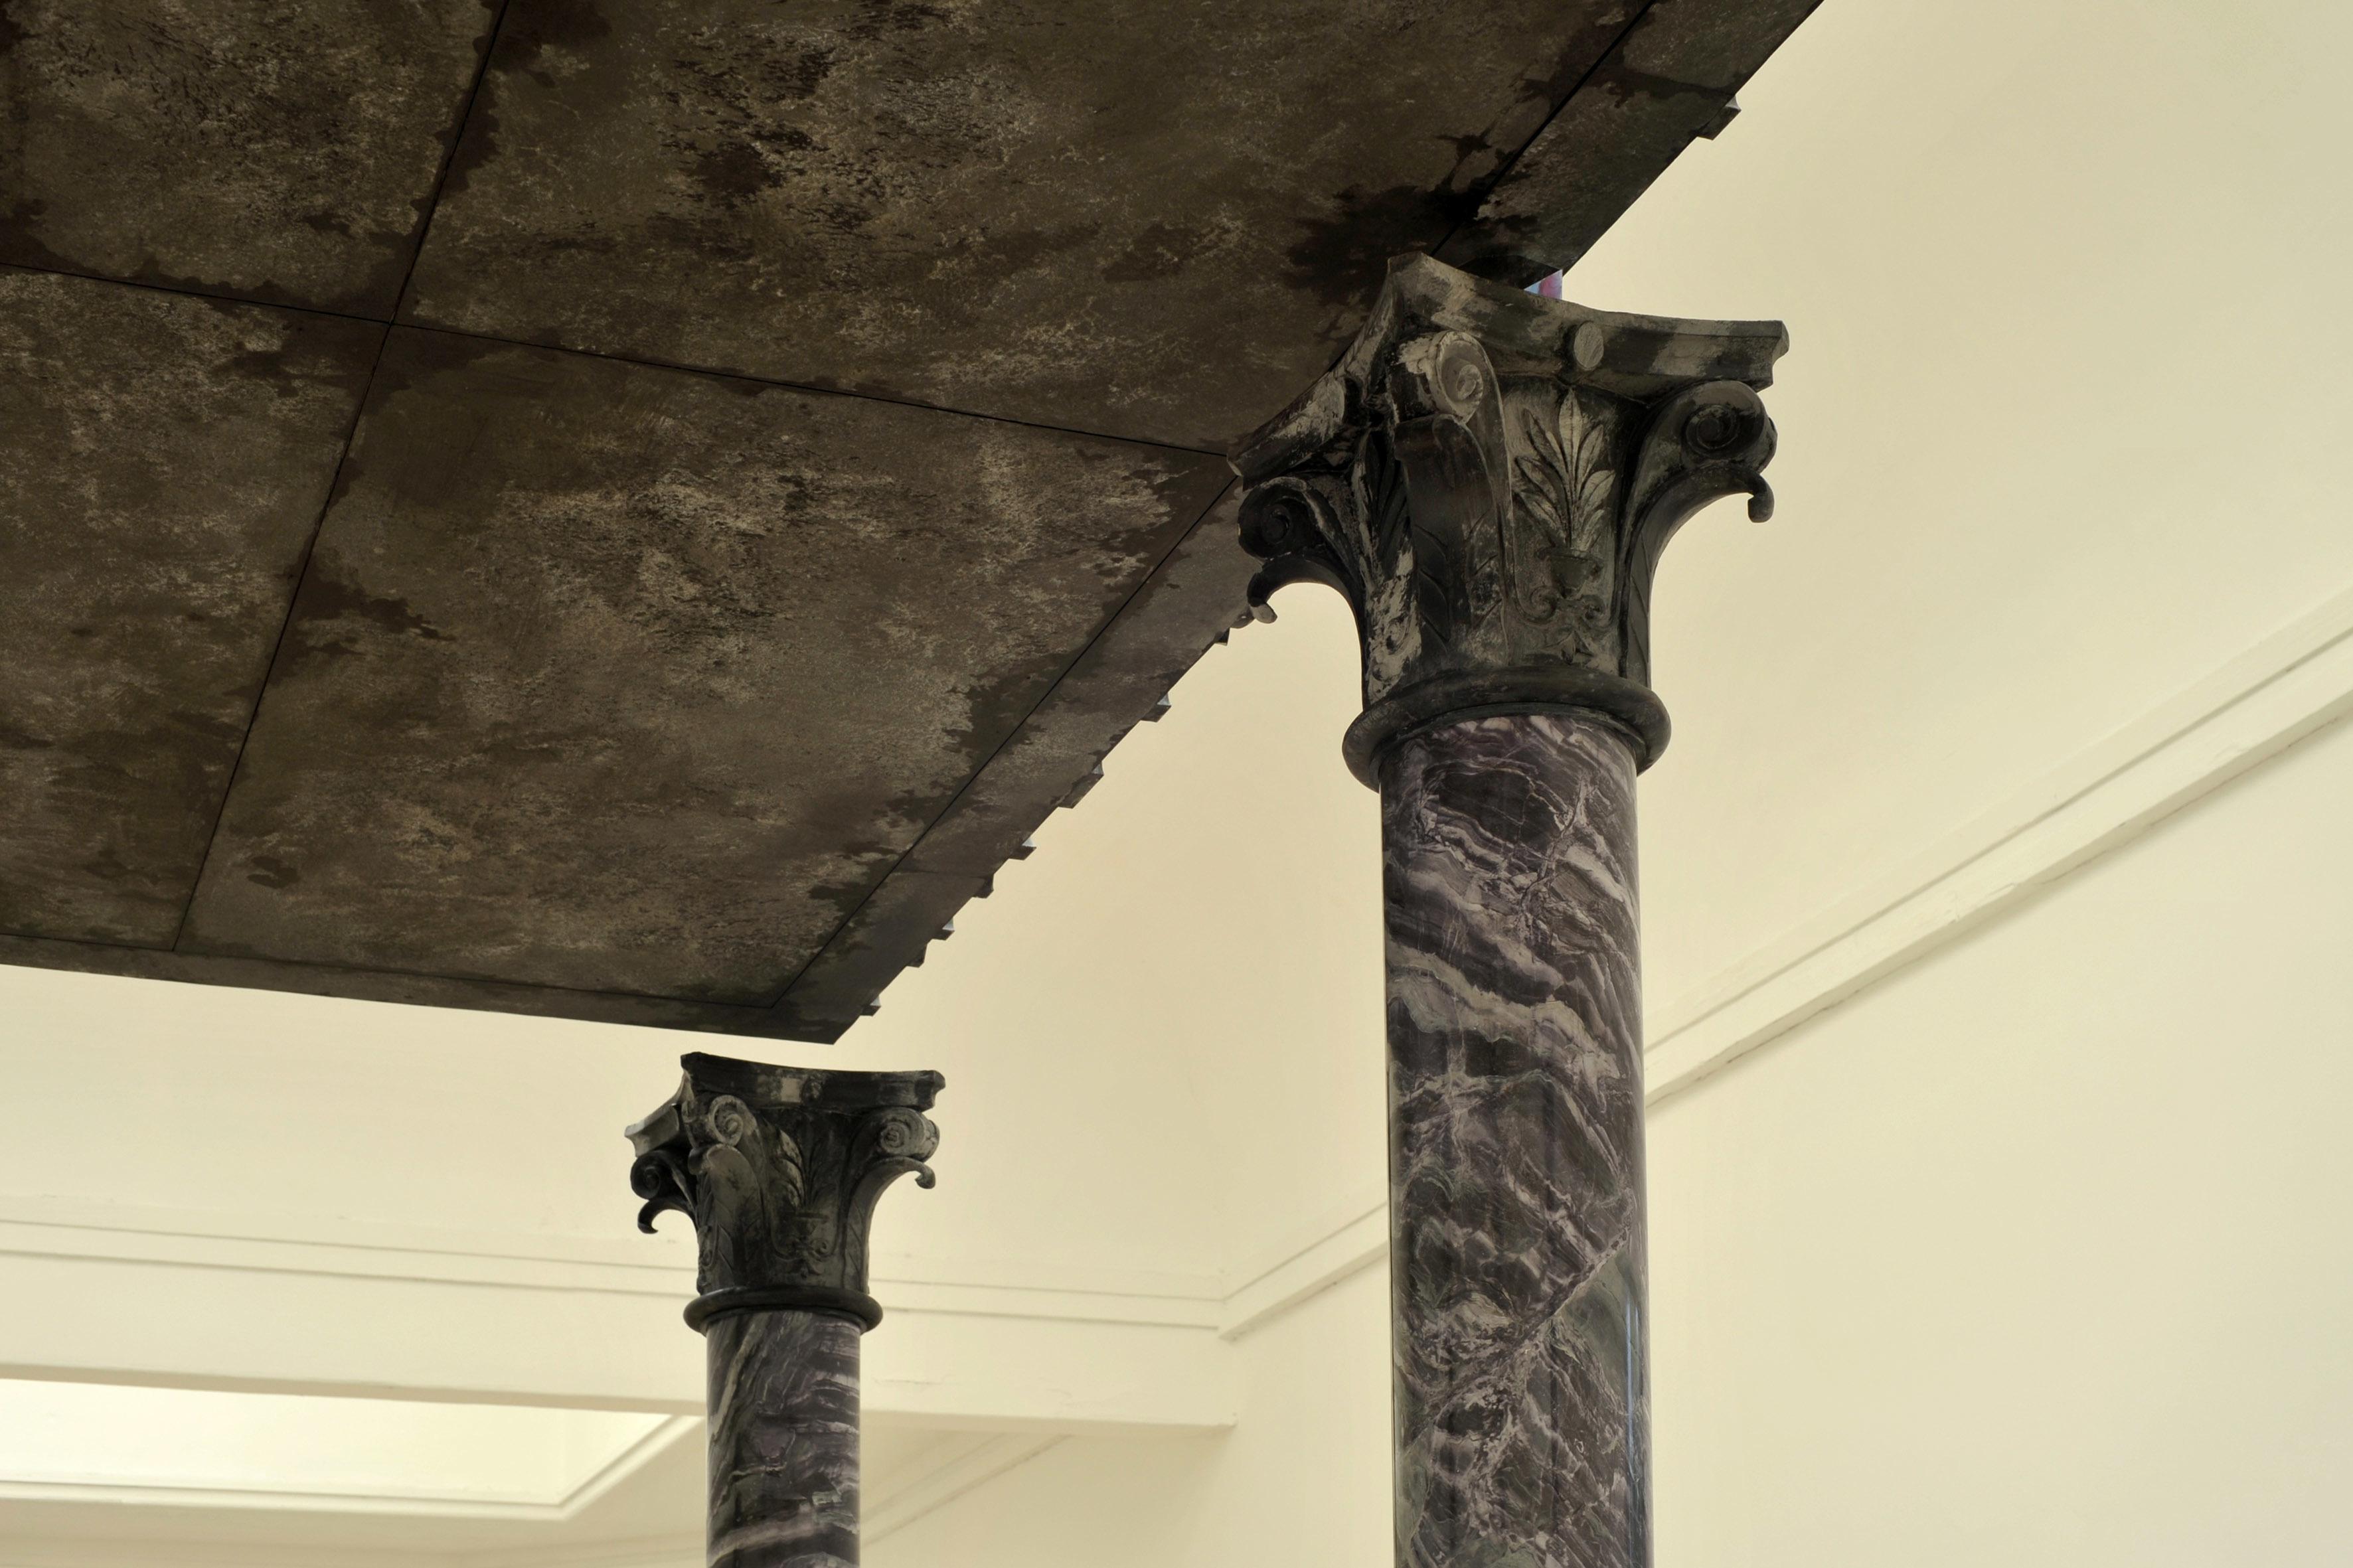 Figury niemożliwe, Pawilon Polski na14. Międzynarodowej Wystawie Architektury